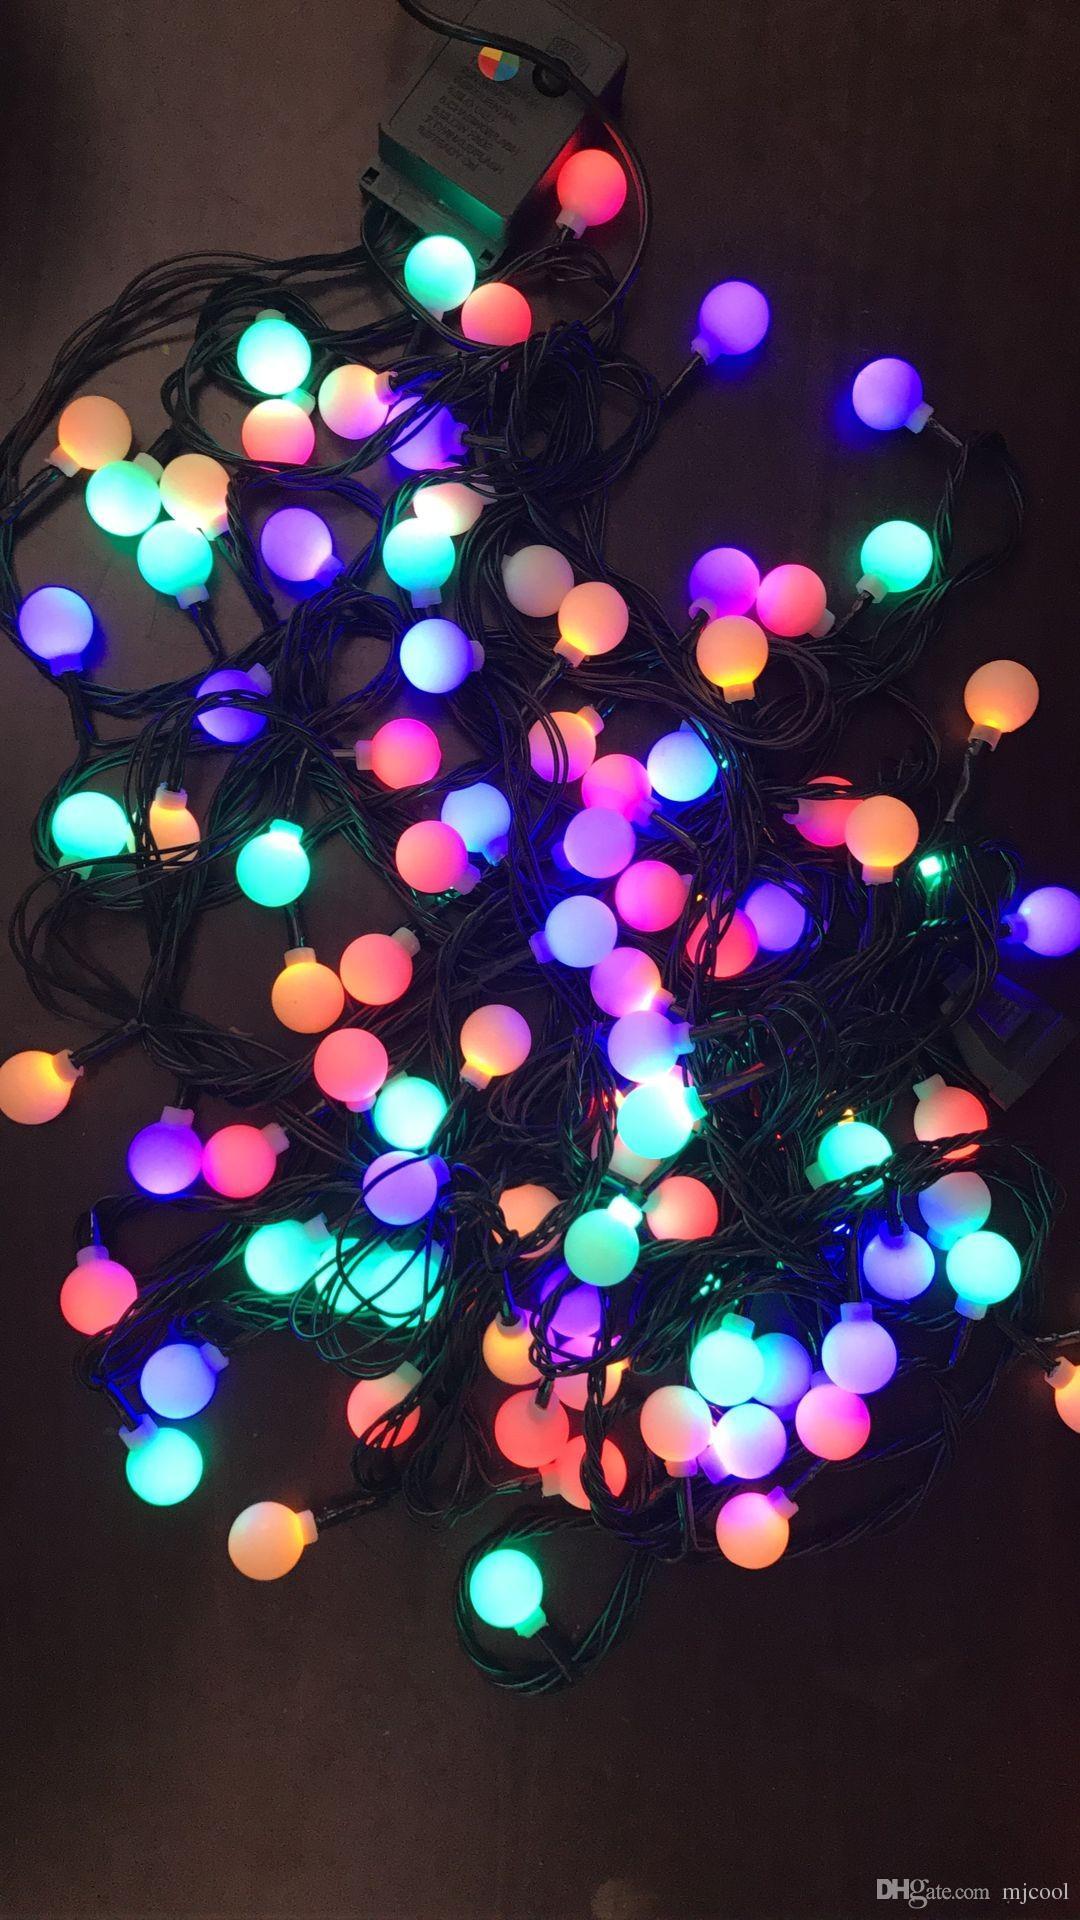 3633a6f24d Compre Cordas De Iluminação 10 M100 Leds Cereja Bola Luzes De Fadas LED Low  Voltage Linha Verde Escuro Estrelado Pátio Luzes Da Corda Para Decoração Ao  Ar ...